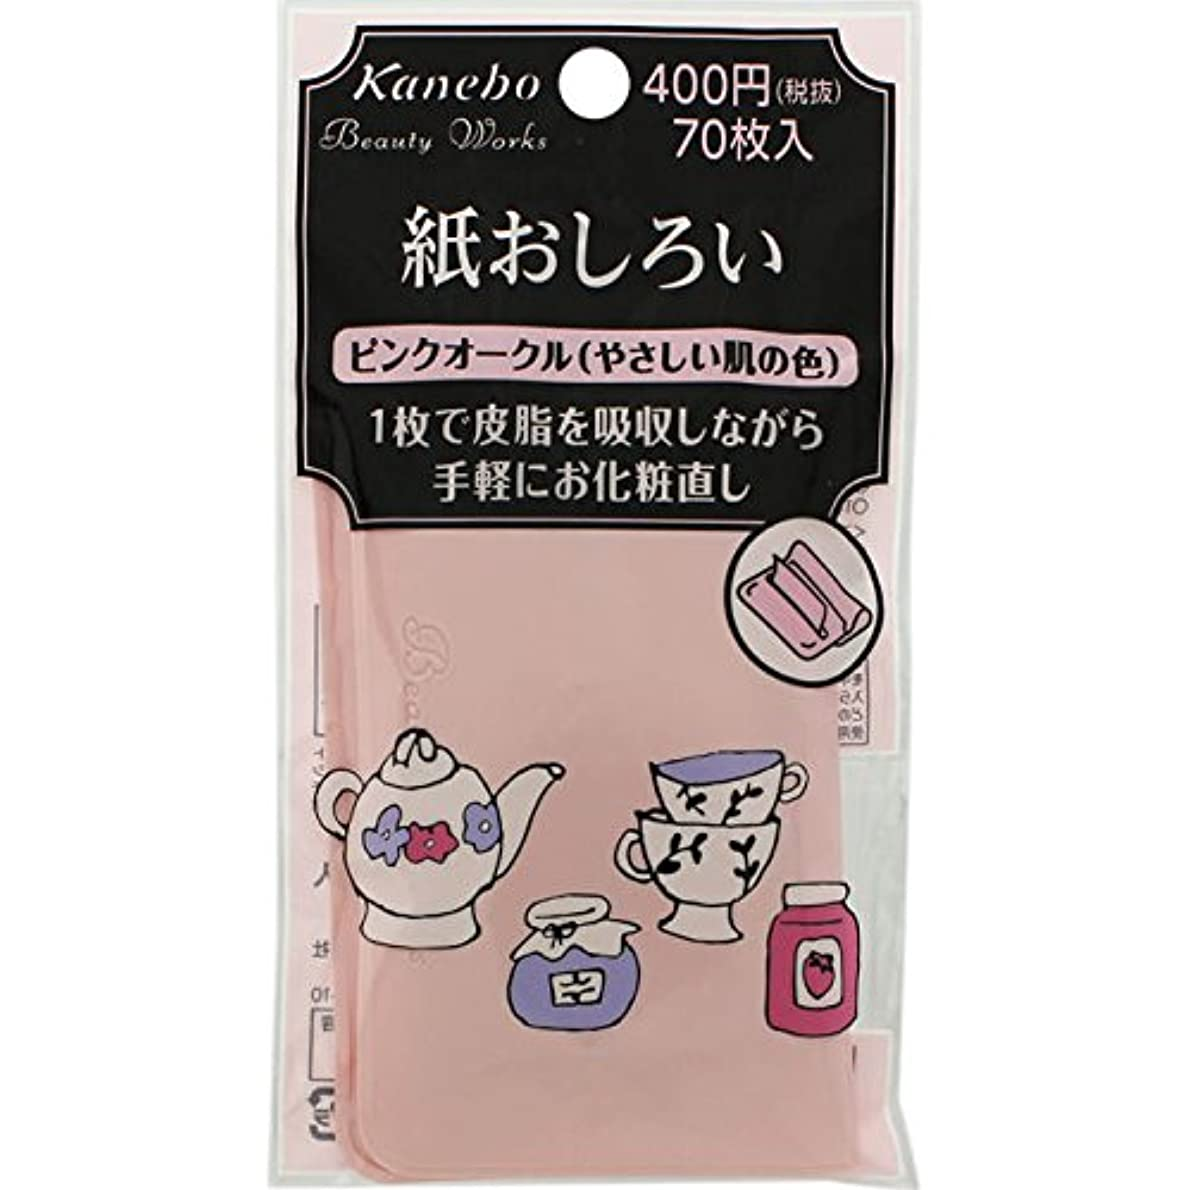 エンディング平手打ち限定カネボウ化粧品 ビューティワークス 紙おしろい ピンクオークル ピンクオークル